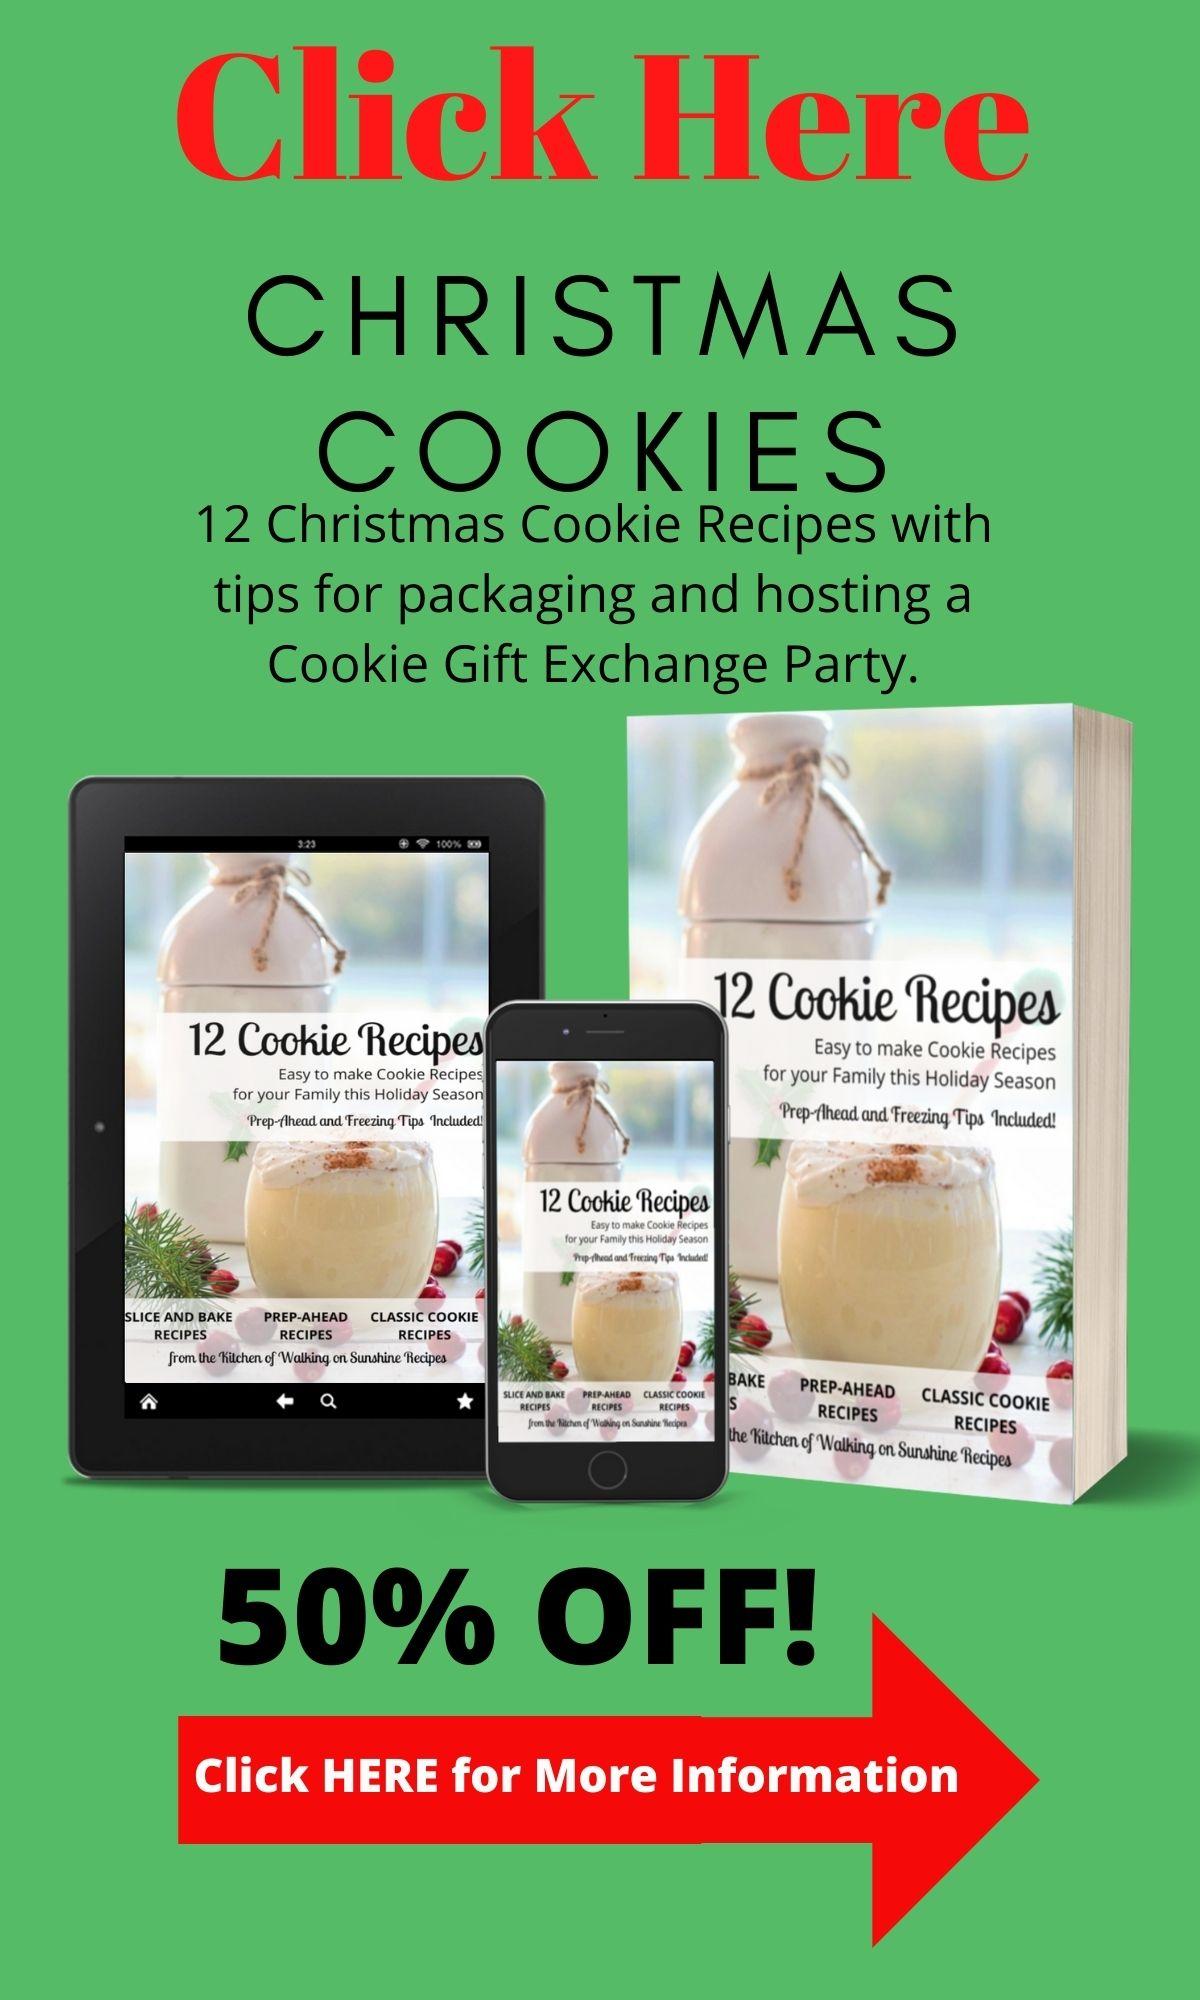 Christmas Cookies Sale-ggnoads.jpg